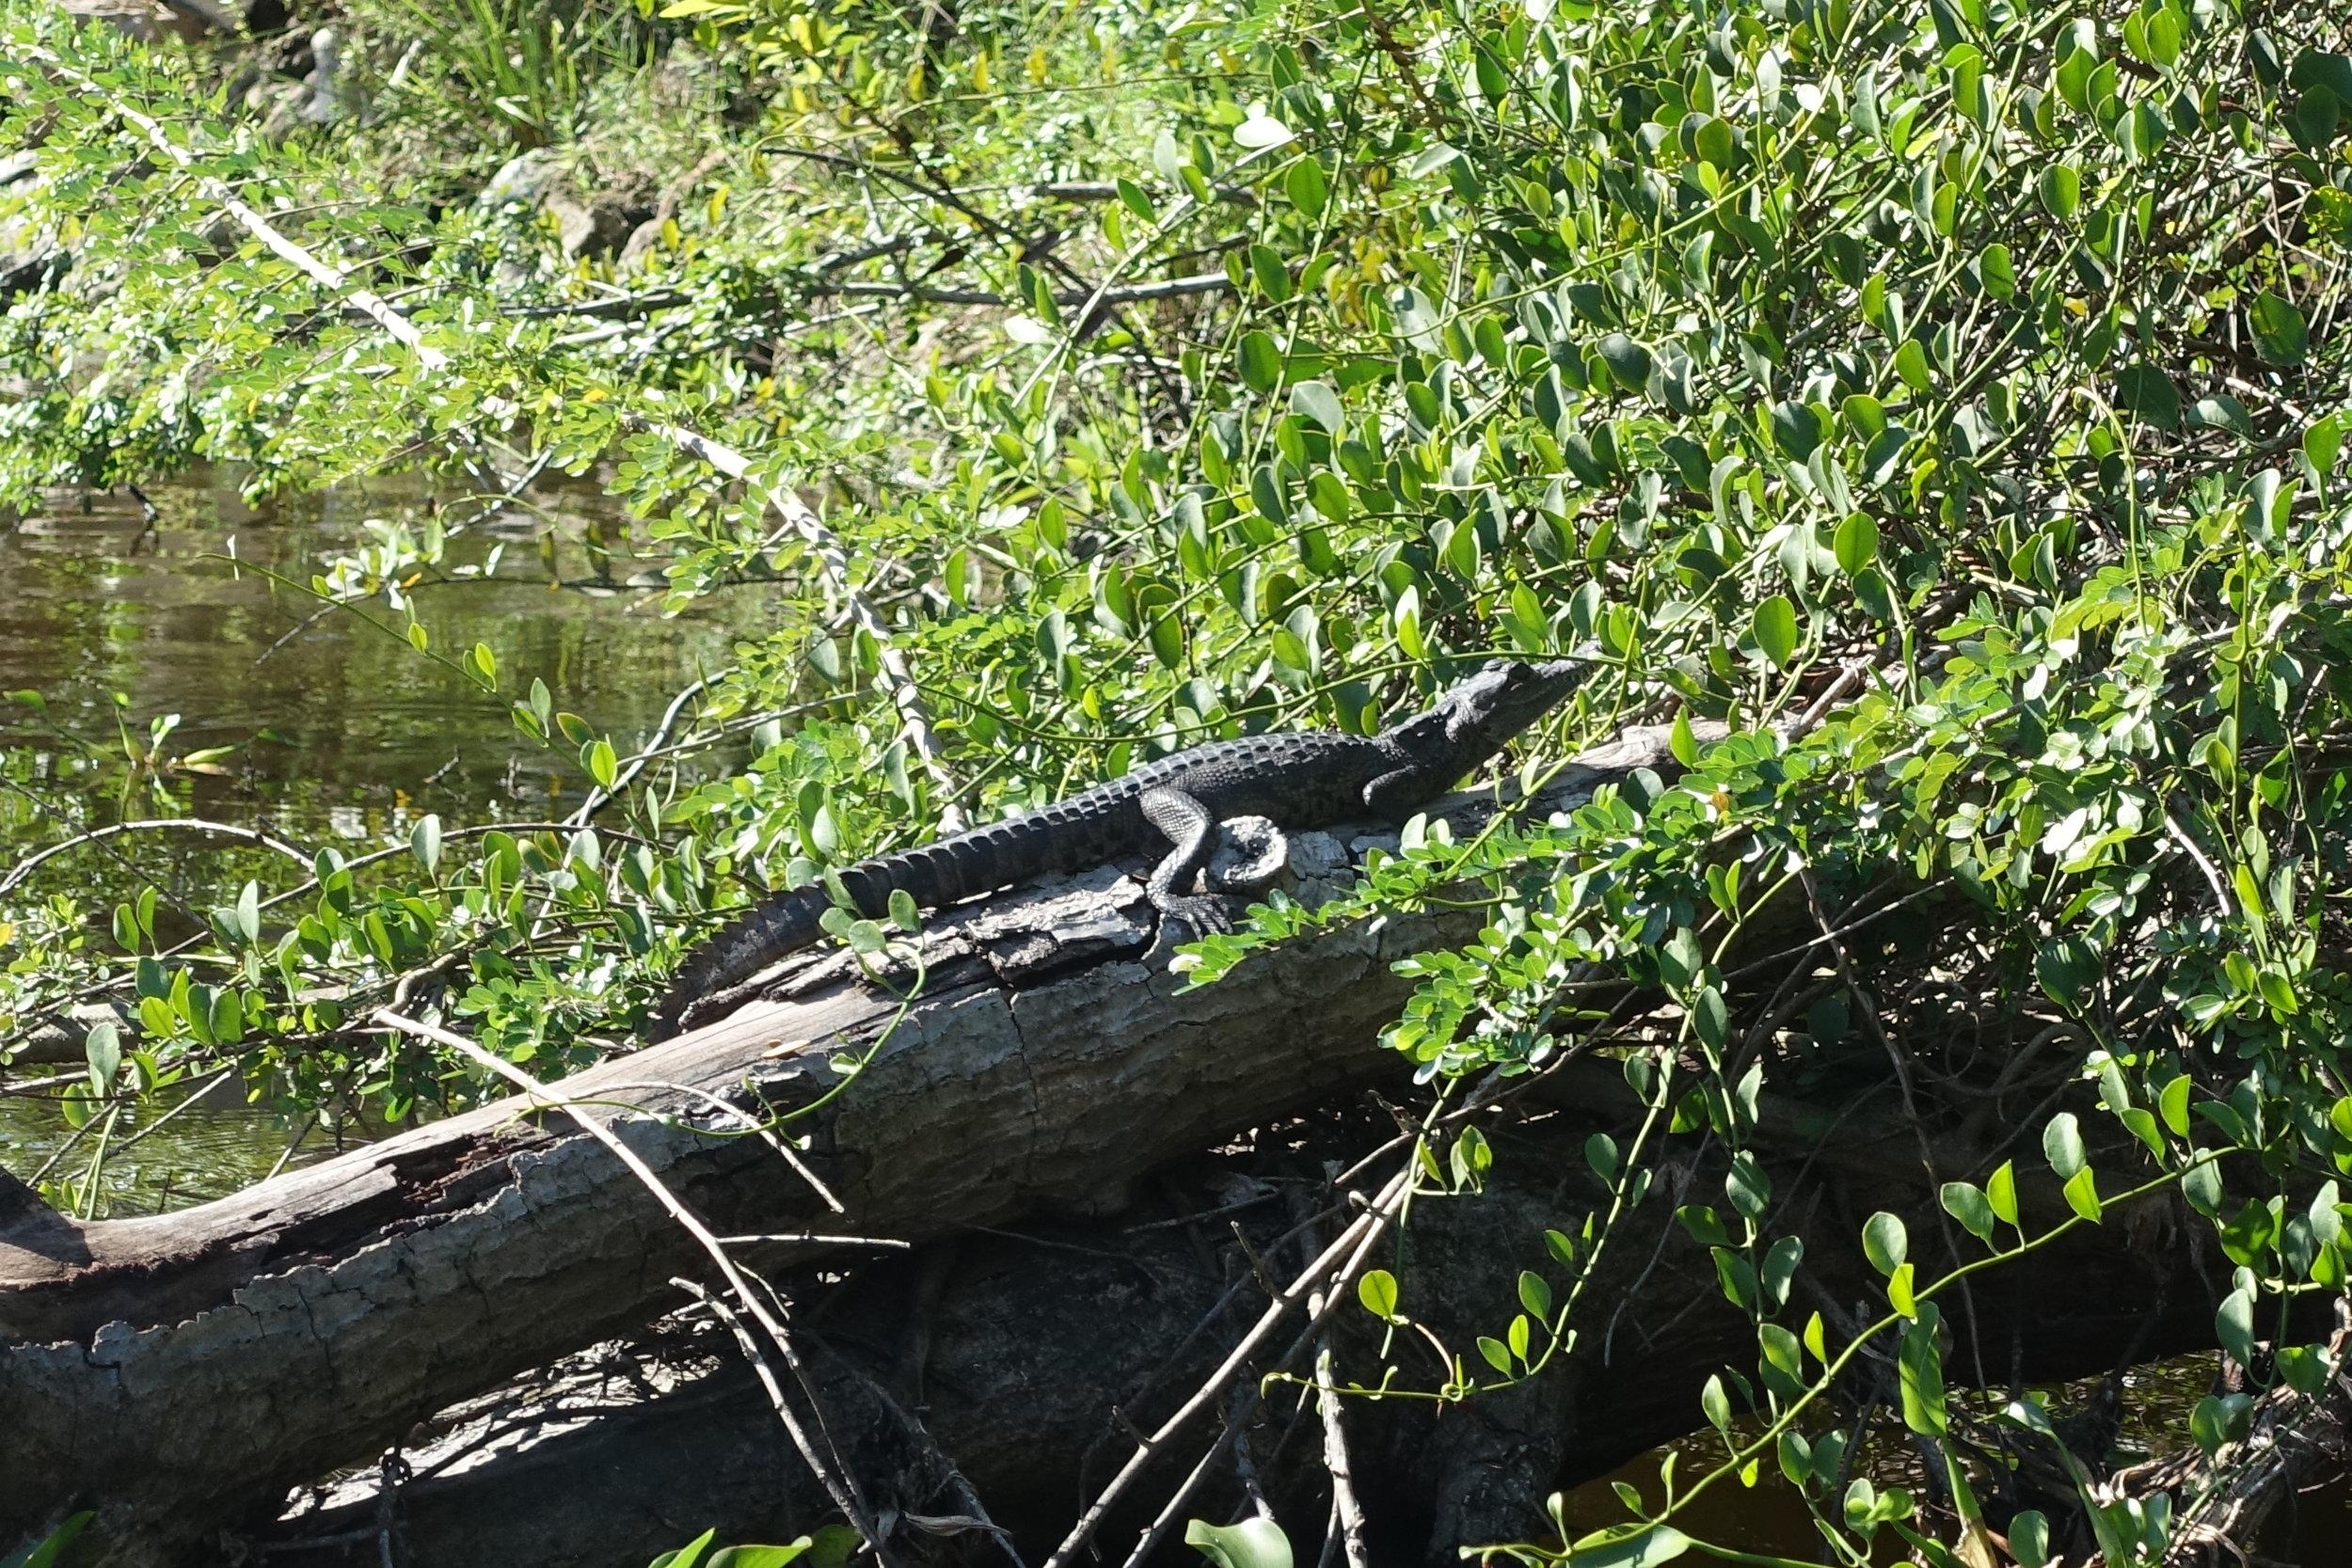 a (small) occasional crocodile